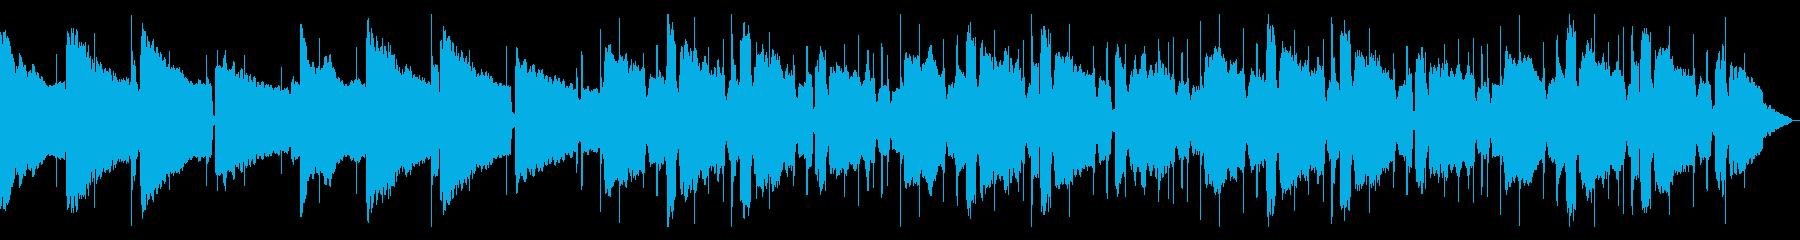 静かでスローなチルアウトBGMの再生済みの波形